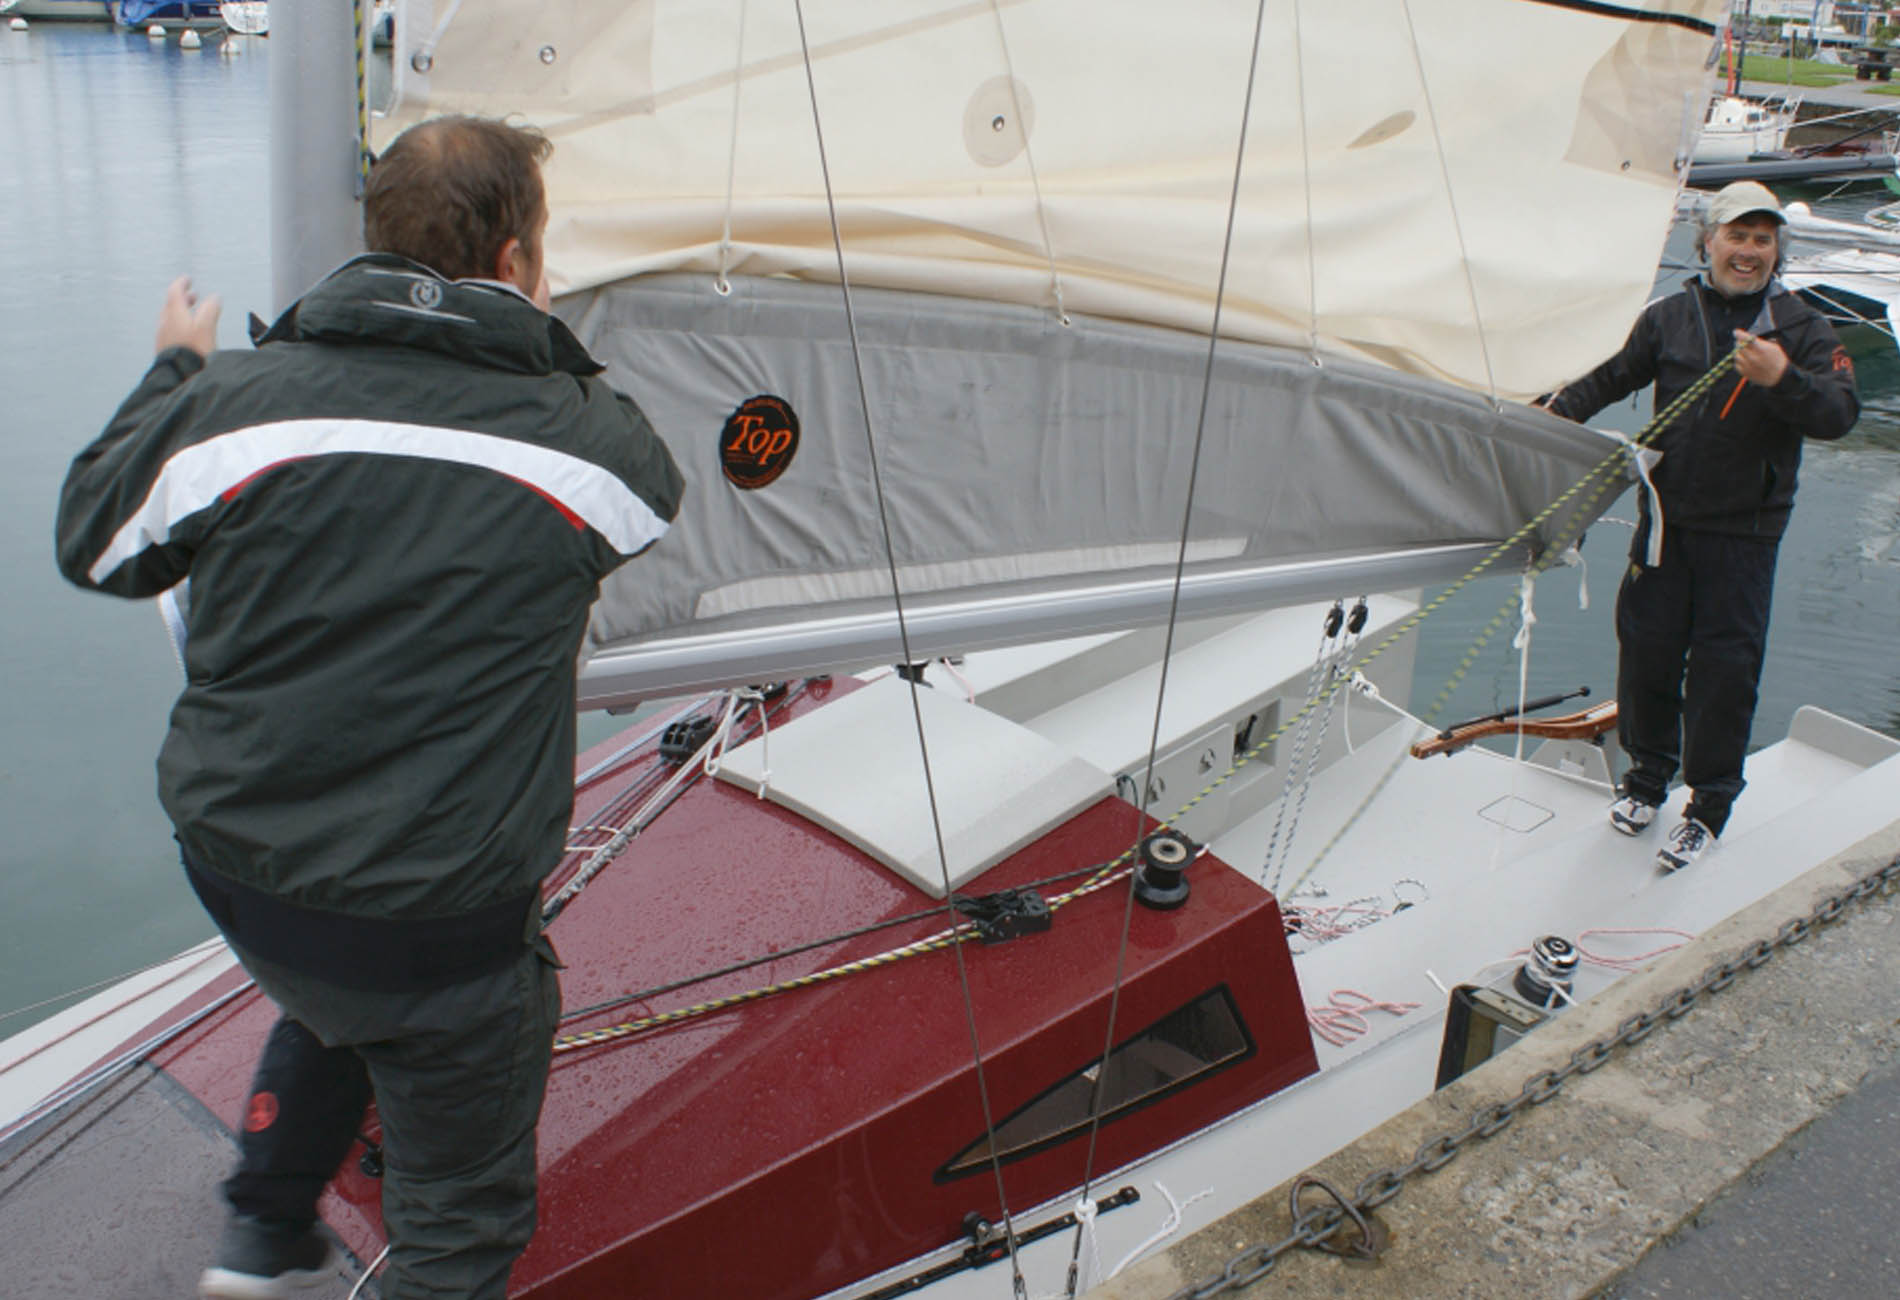 CartOOn700-voilier construction amateur-contre plaqué epoxy-architecte naval Vincent Lebailly